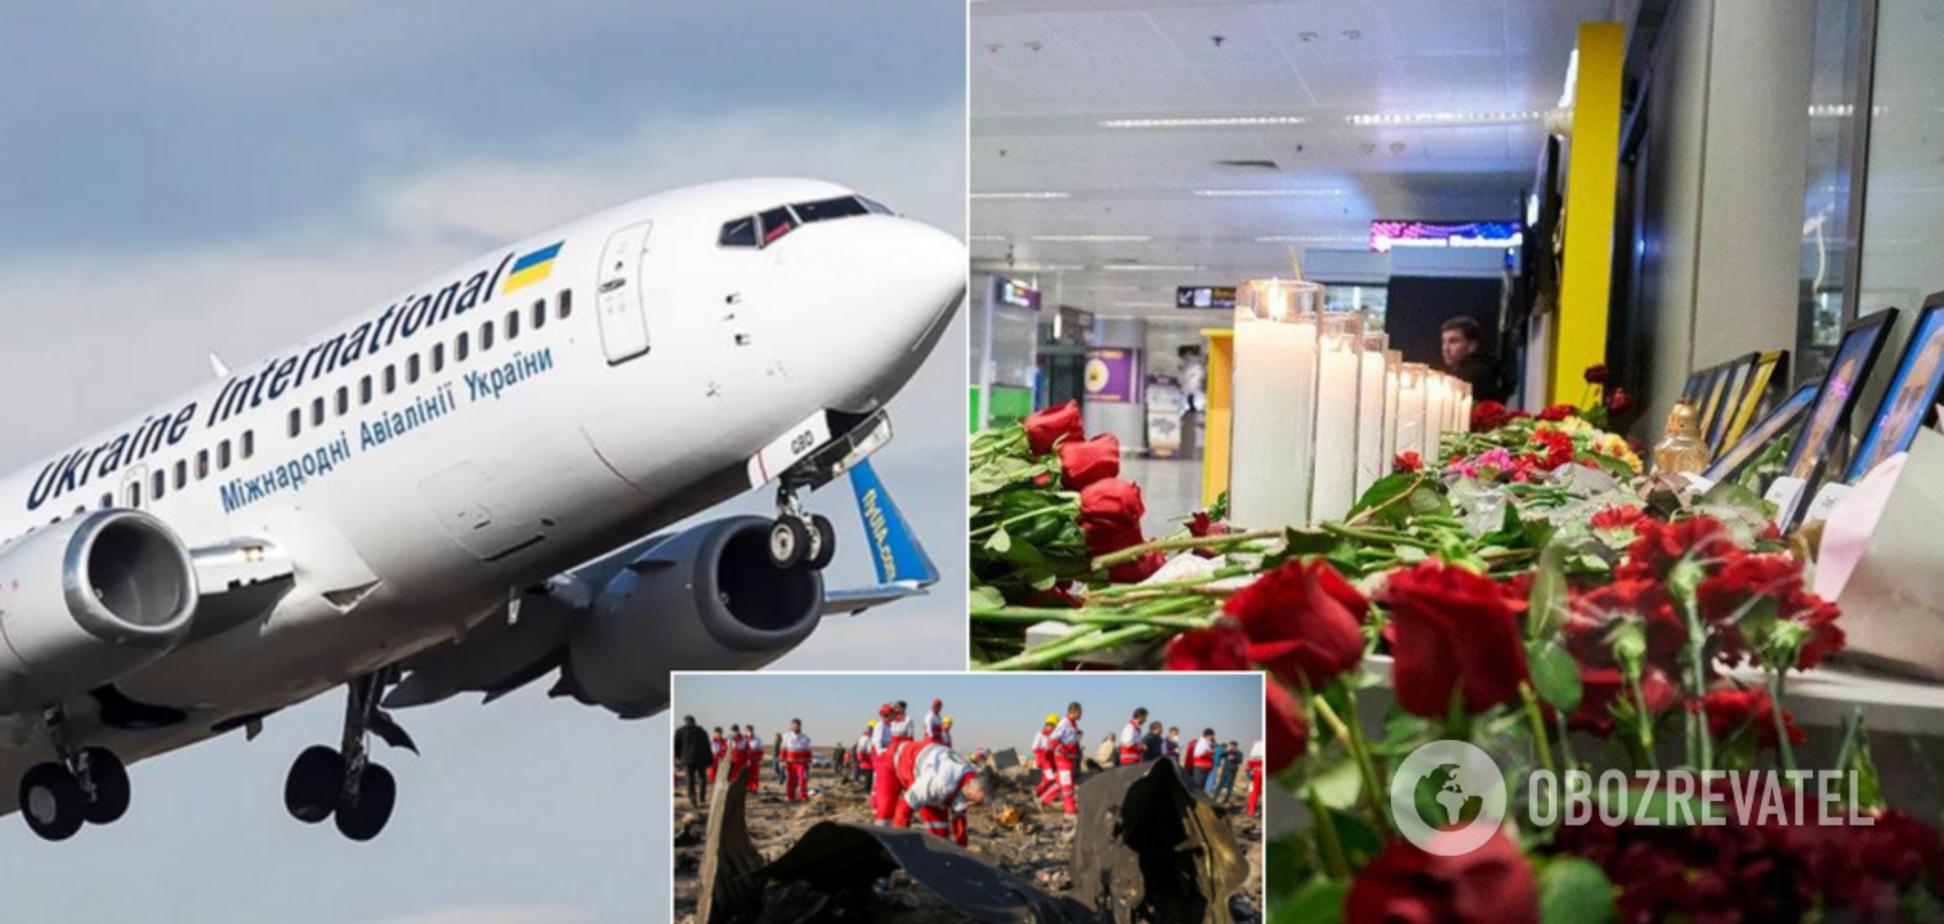 'Как горячо мы их ждали!' Глава МАУ обратился с просьбой к украинцам из-за катастрофы в Иране